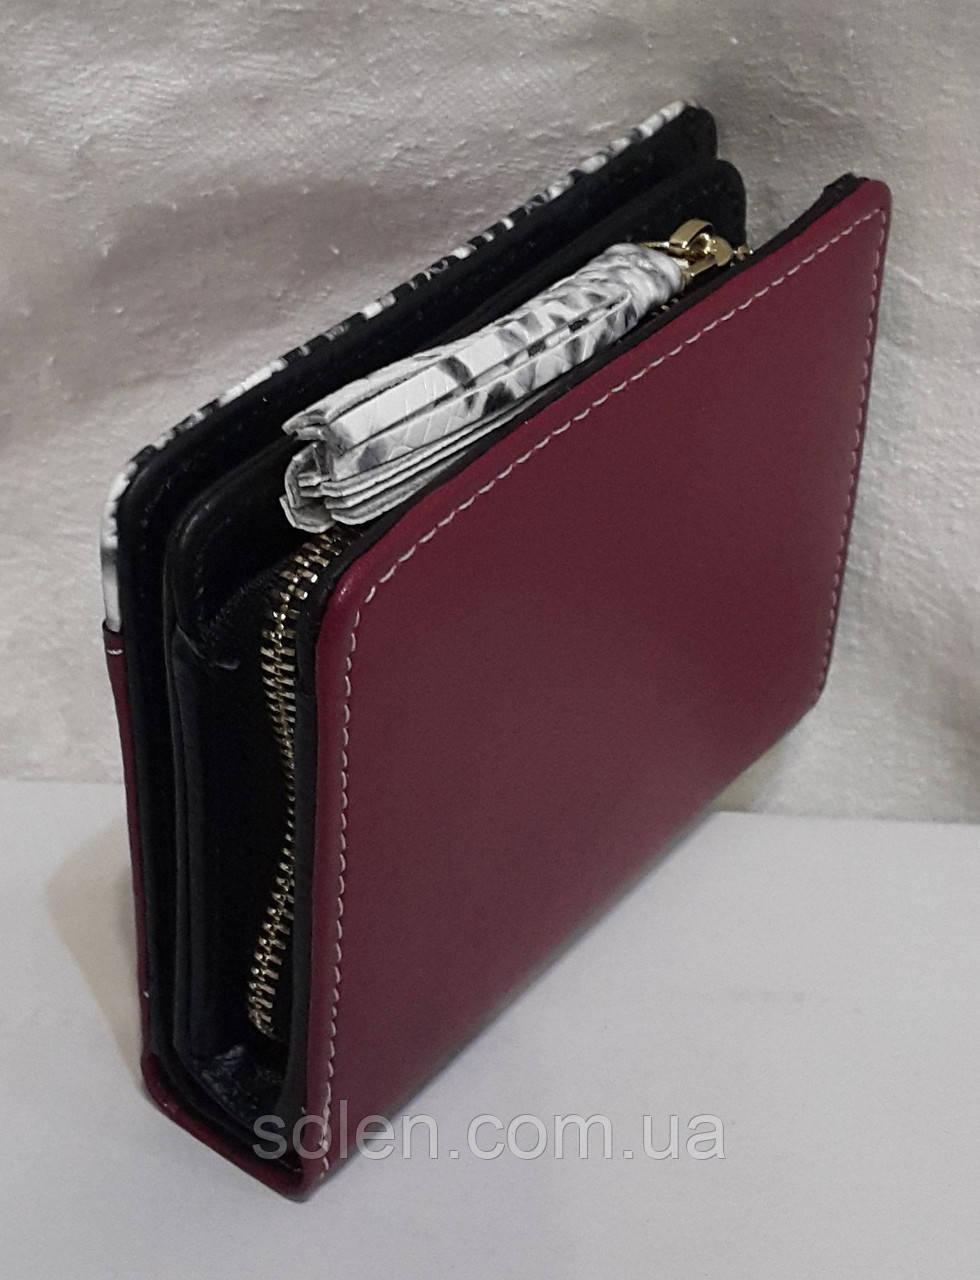 c2b9c9829b78 Компактный женский кошелёк. Маленький кожаный кошелёк.: продажа ...